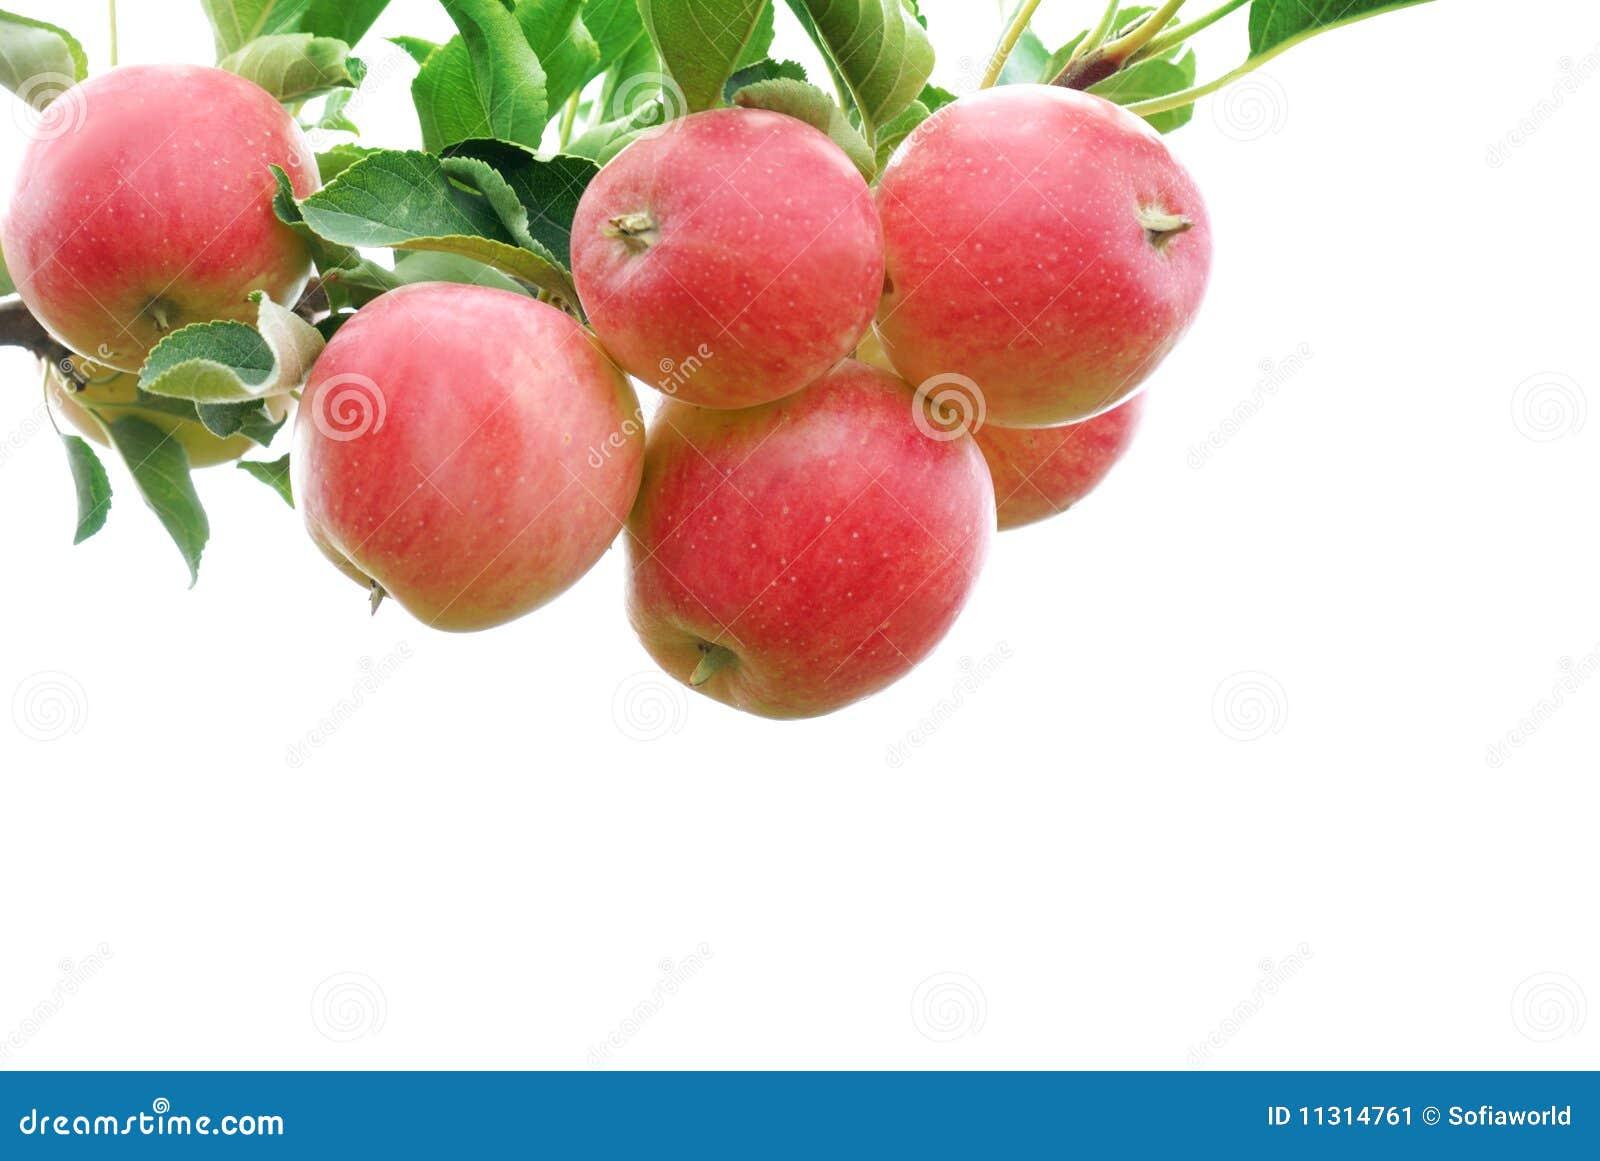 Rote Äpfel auf dem weißen Hintergrund